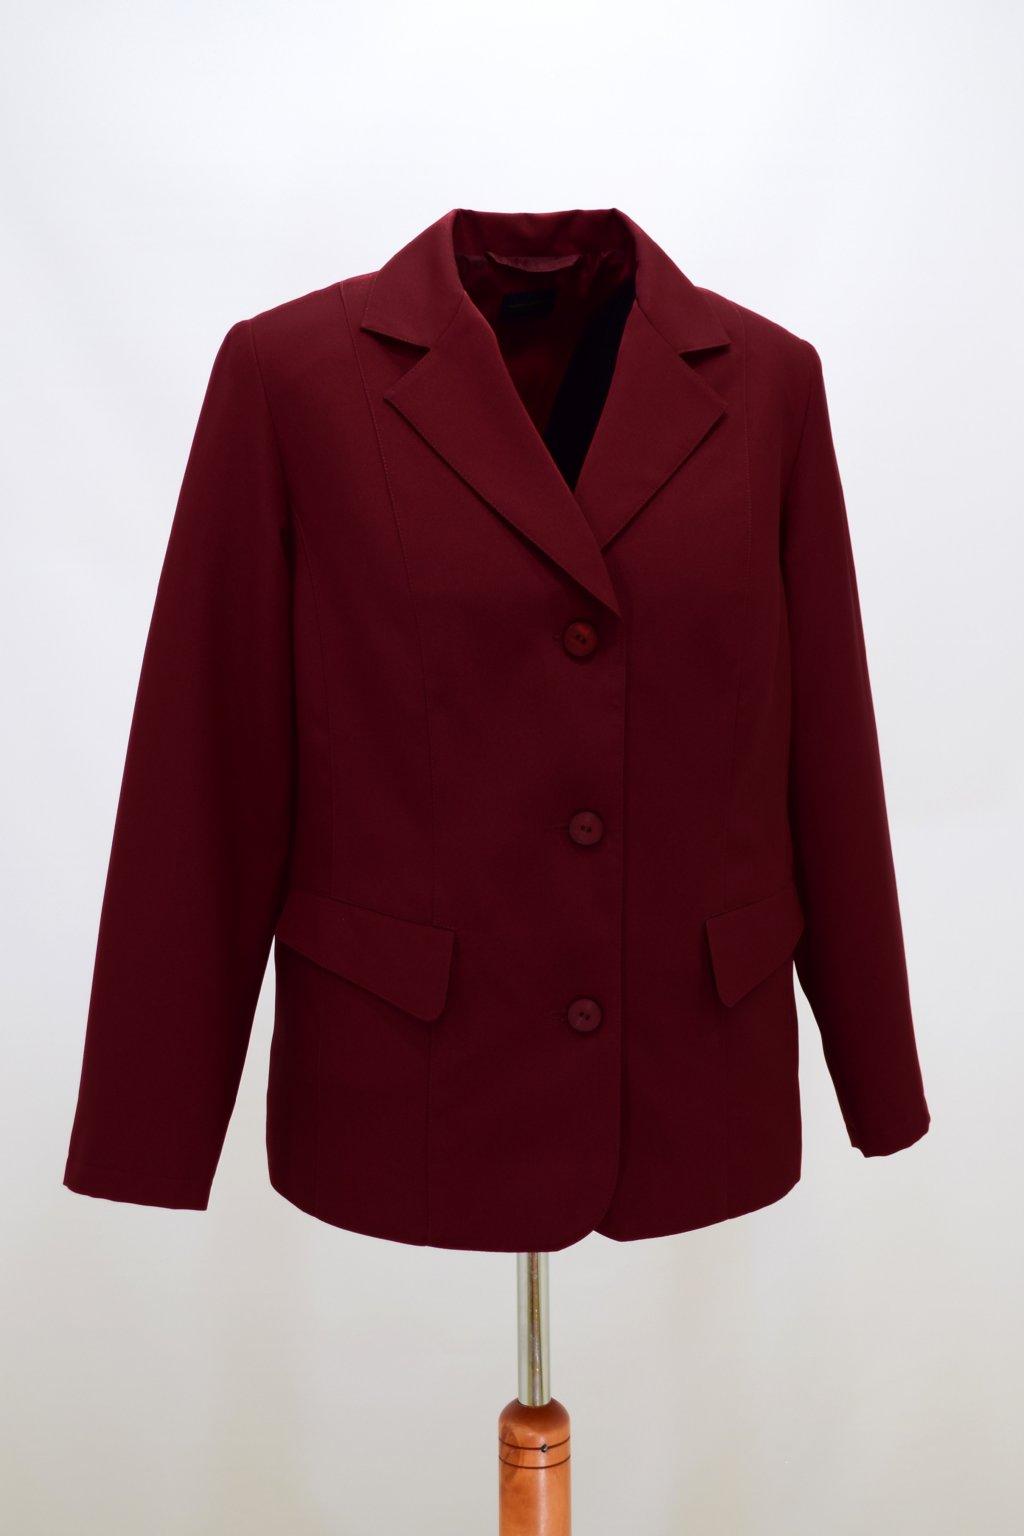 Dámské bordové sako Diana nadměrné velikosti.